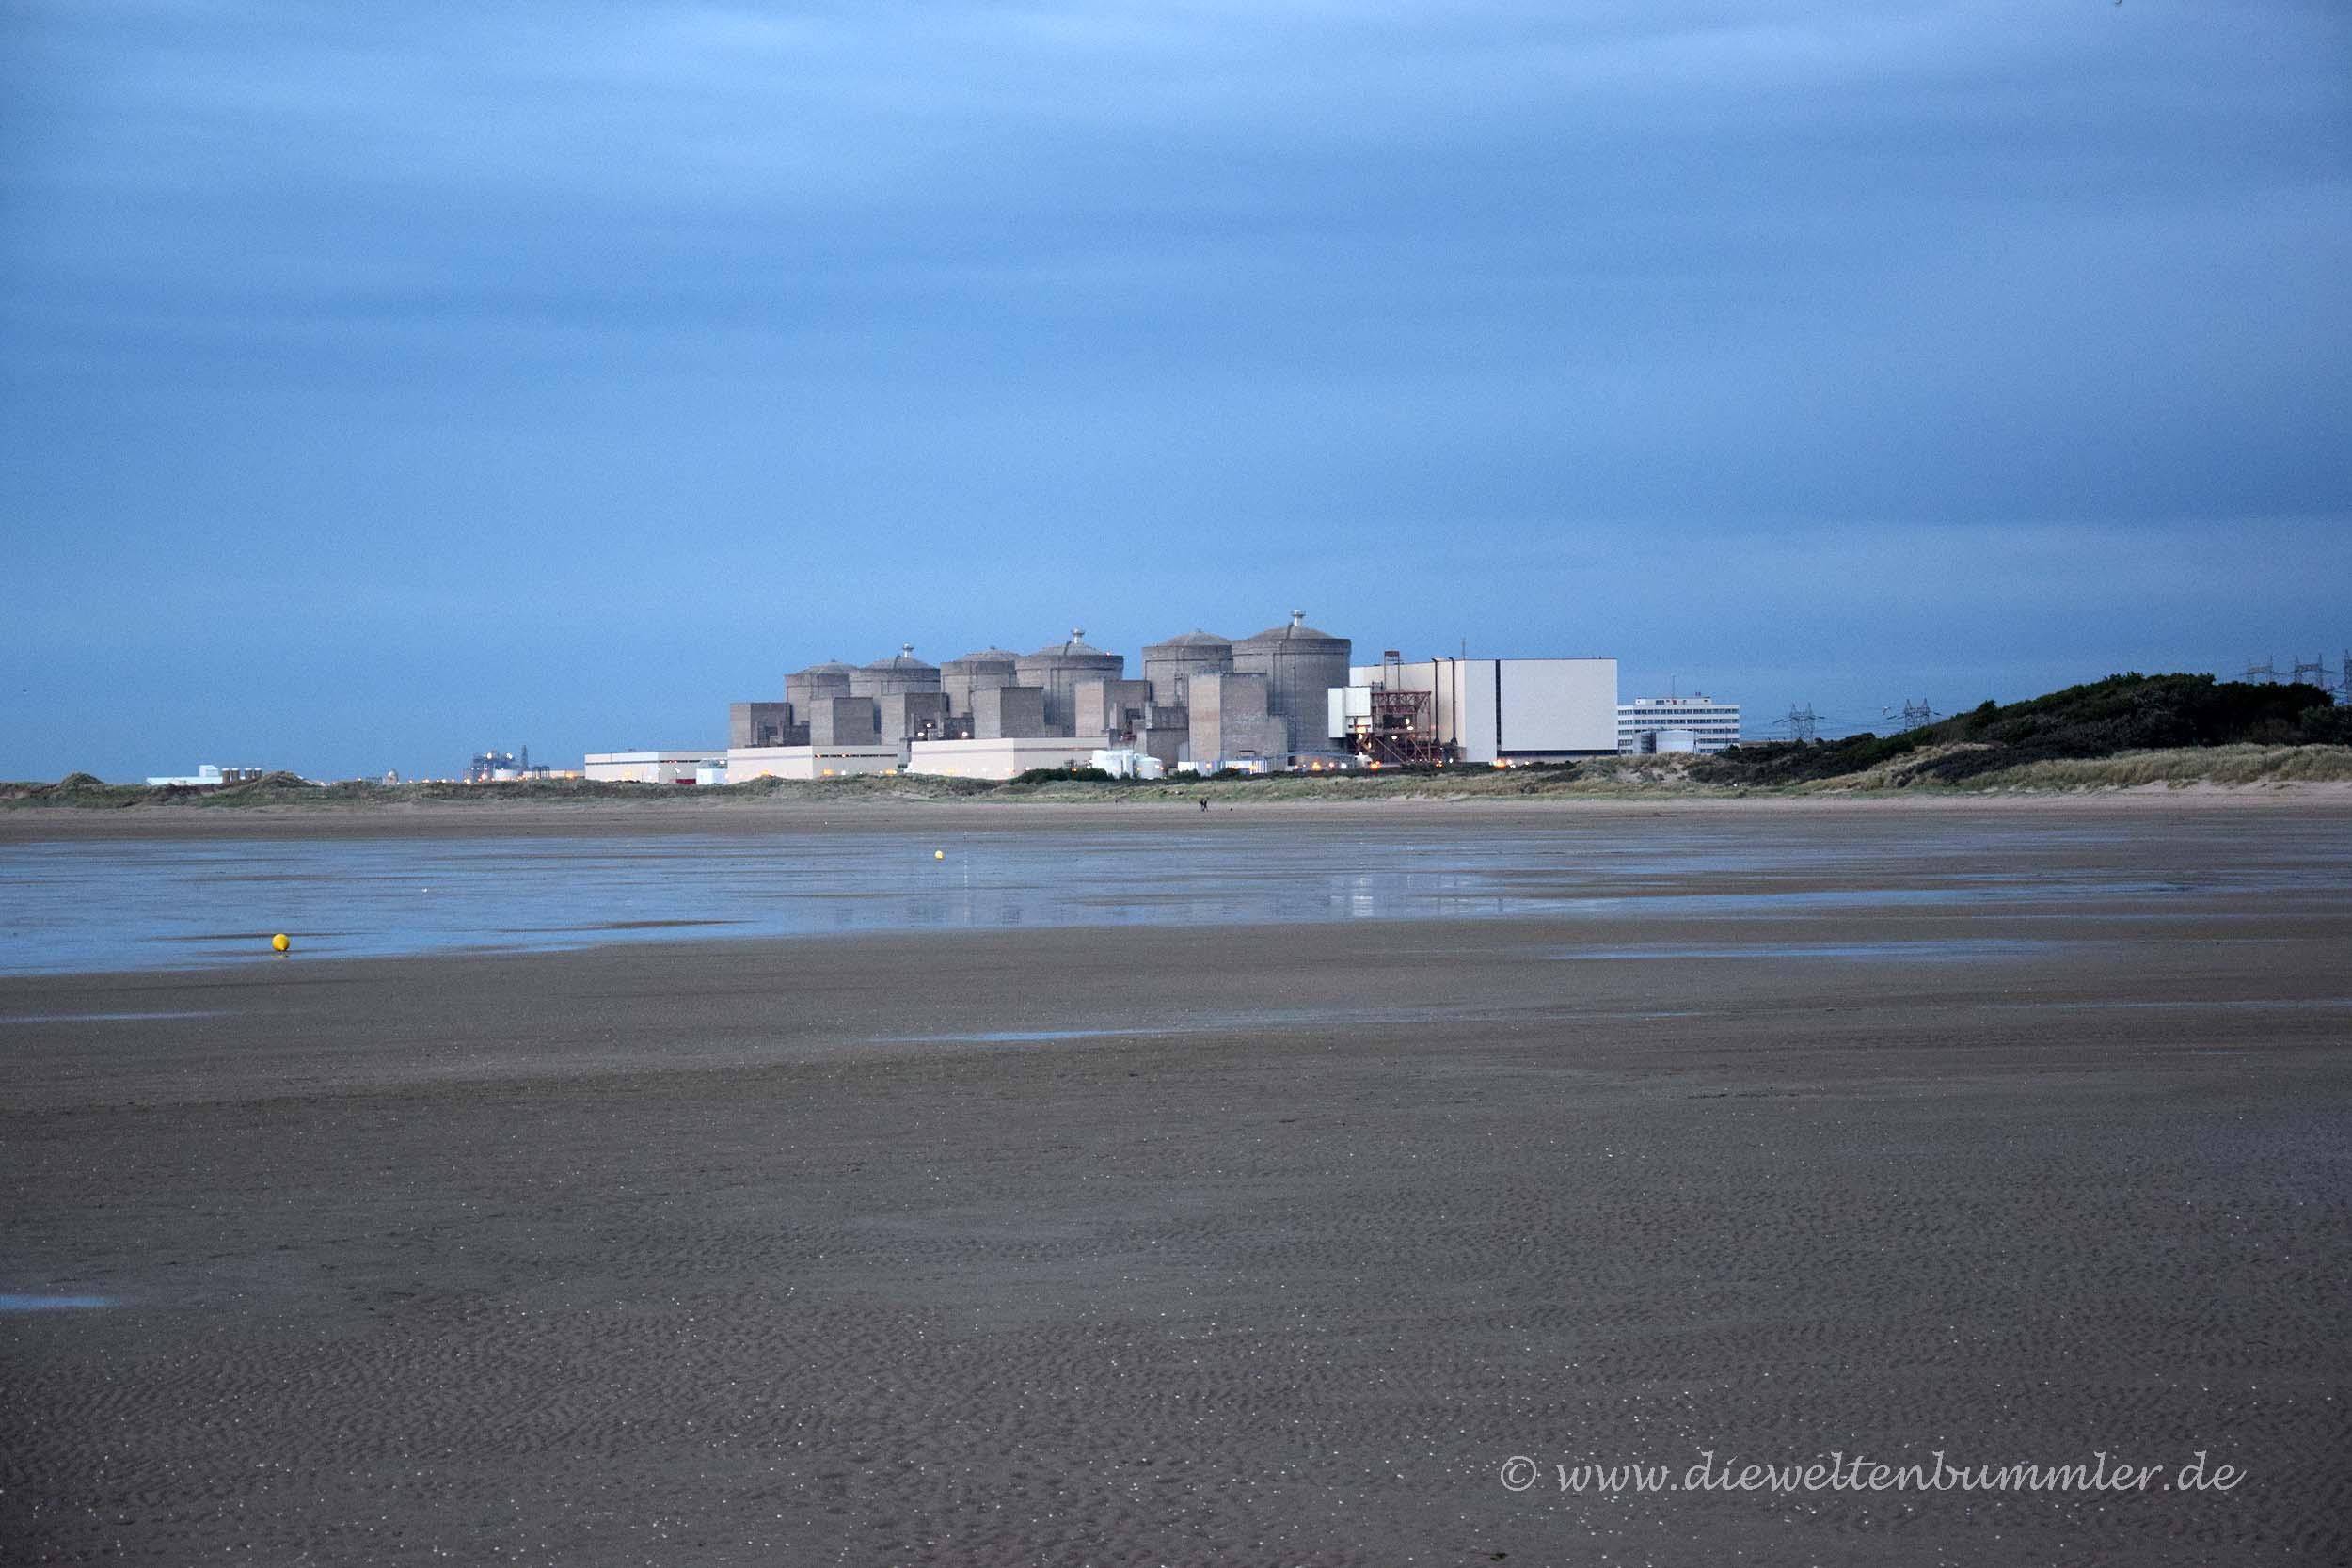 Atomkraftwerk in Gravelines